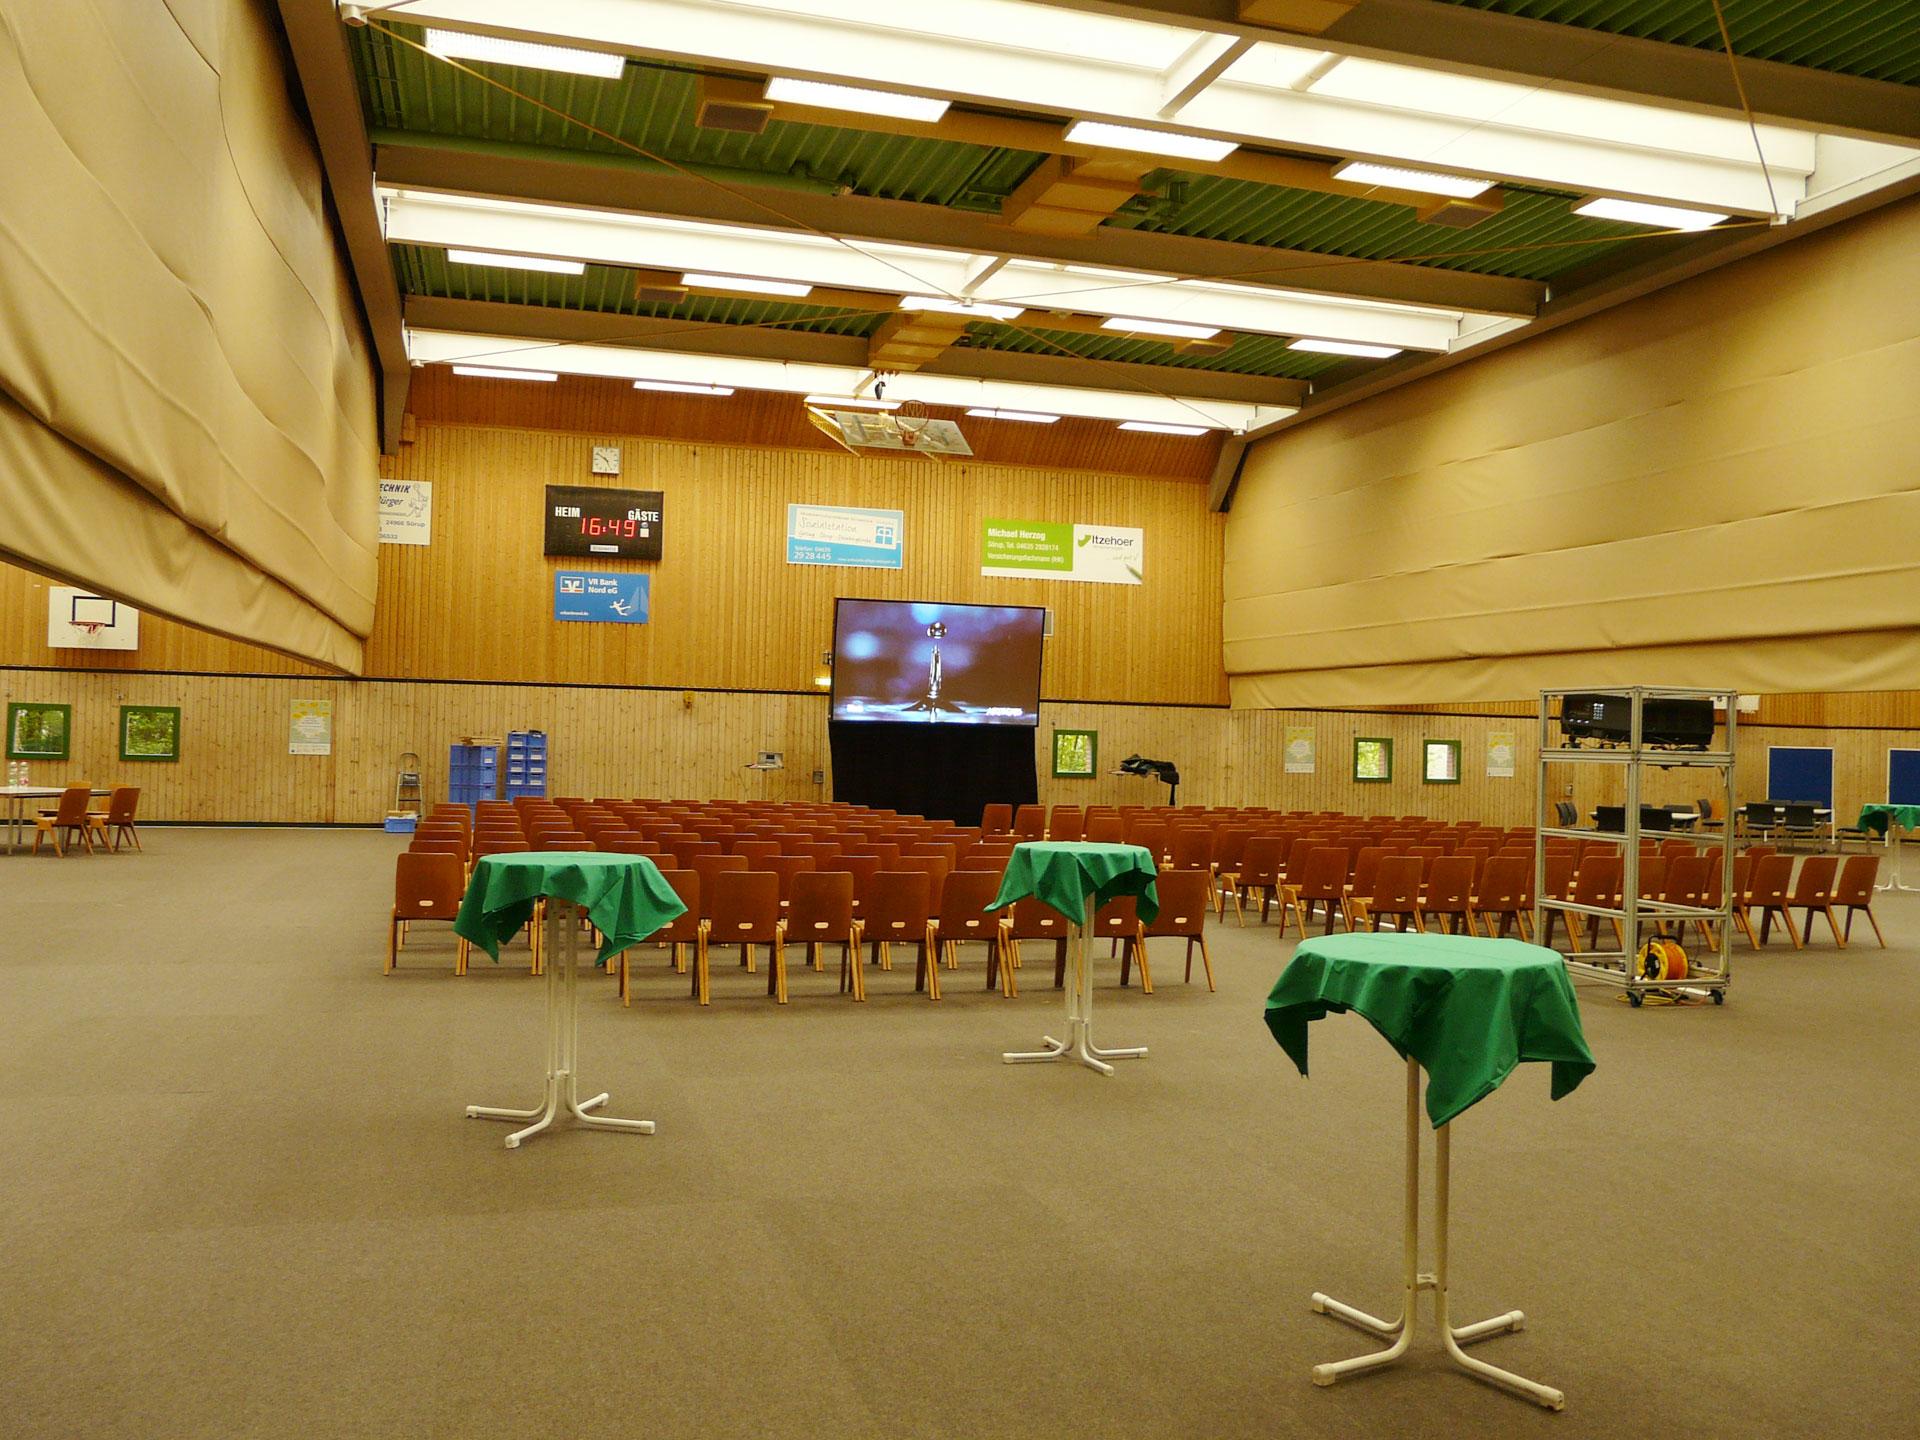 Hellraumprojektion in einer Sporthalle mit Tageslichteinfall durch große Deckenlichter.